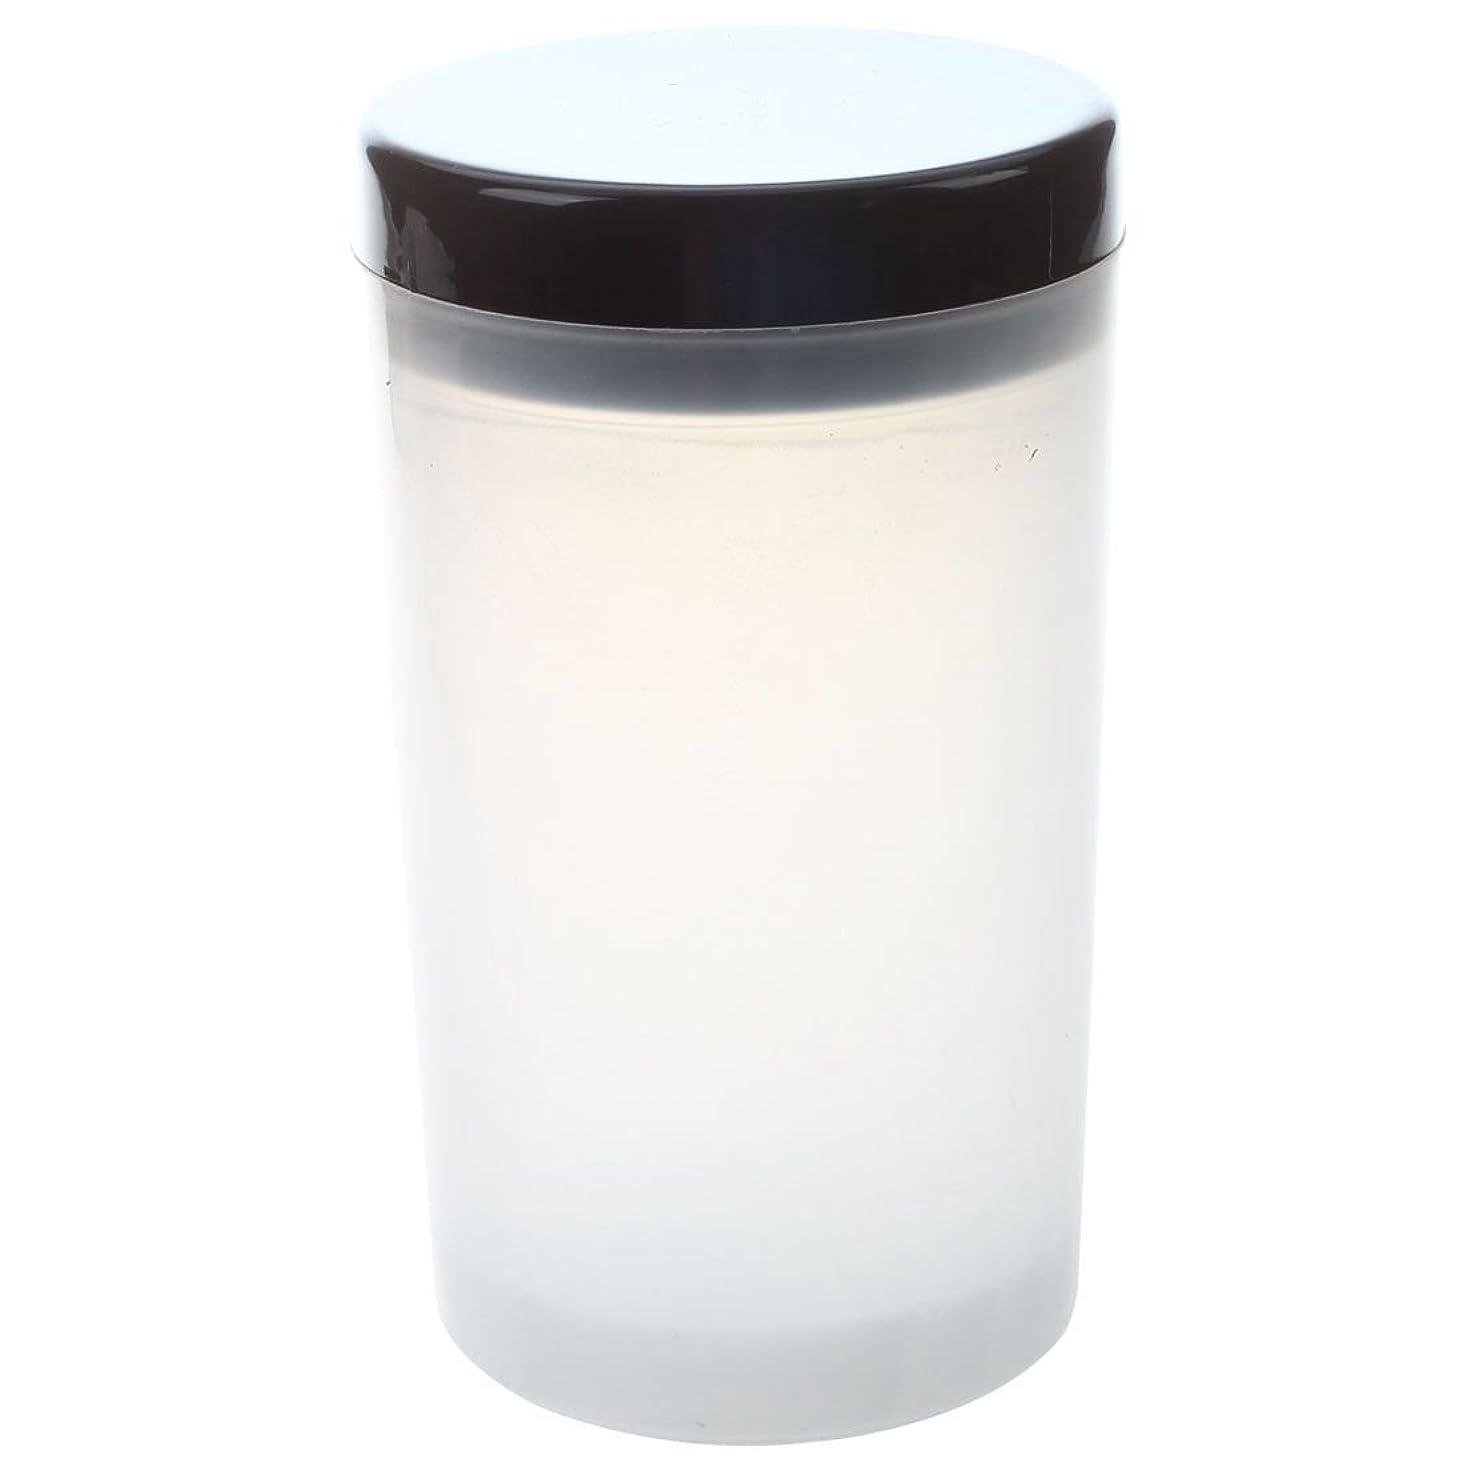 音声学勤勉履歴書SODIAL ネイルアートチップブラシホルダー リムーバーカップカップ浸漬ブラシ クリーナーボトル